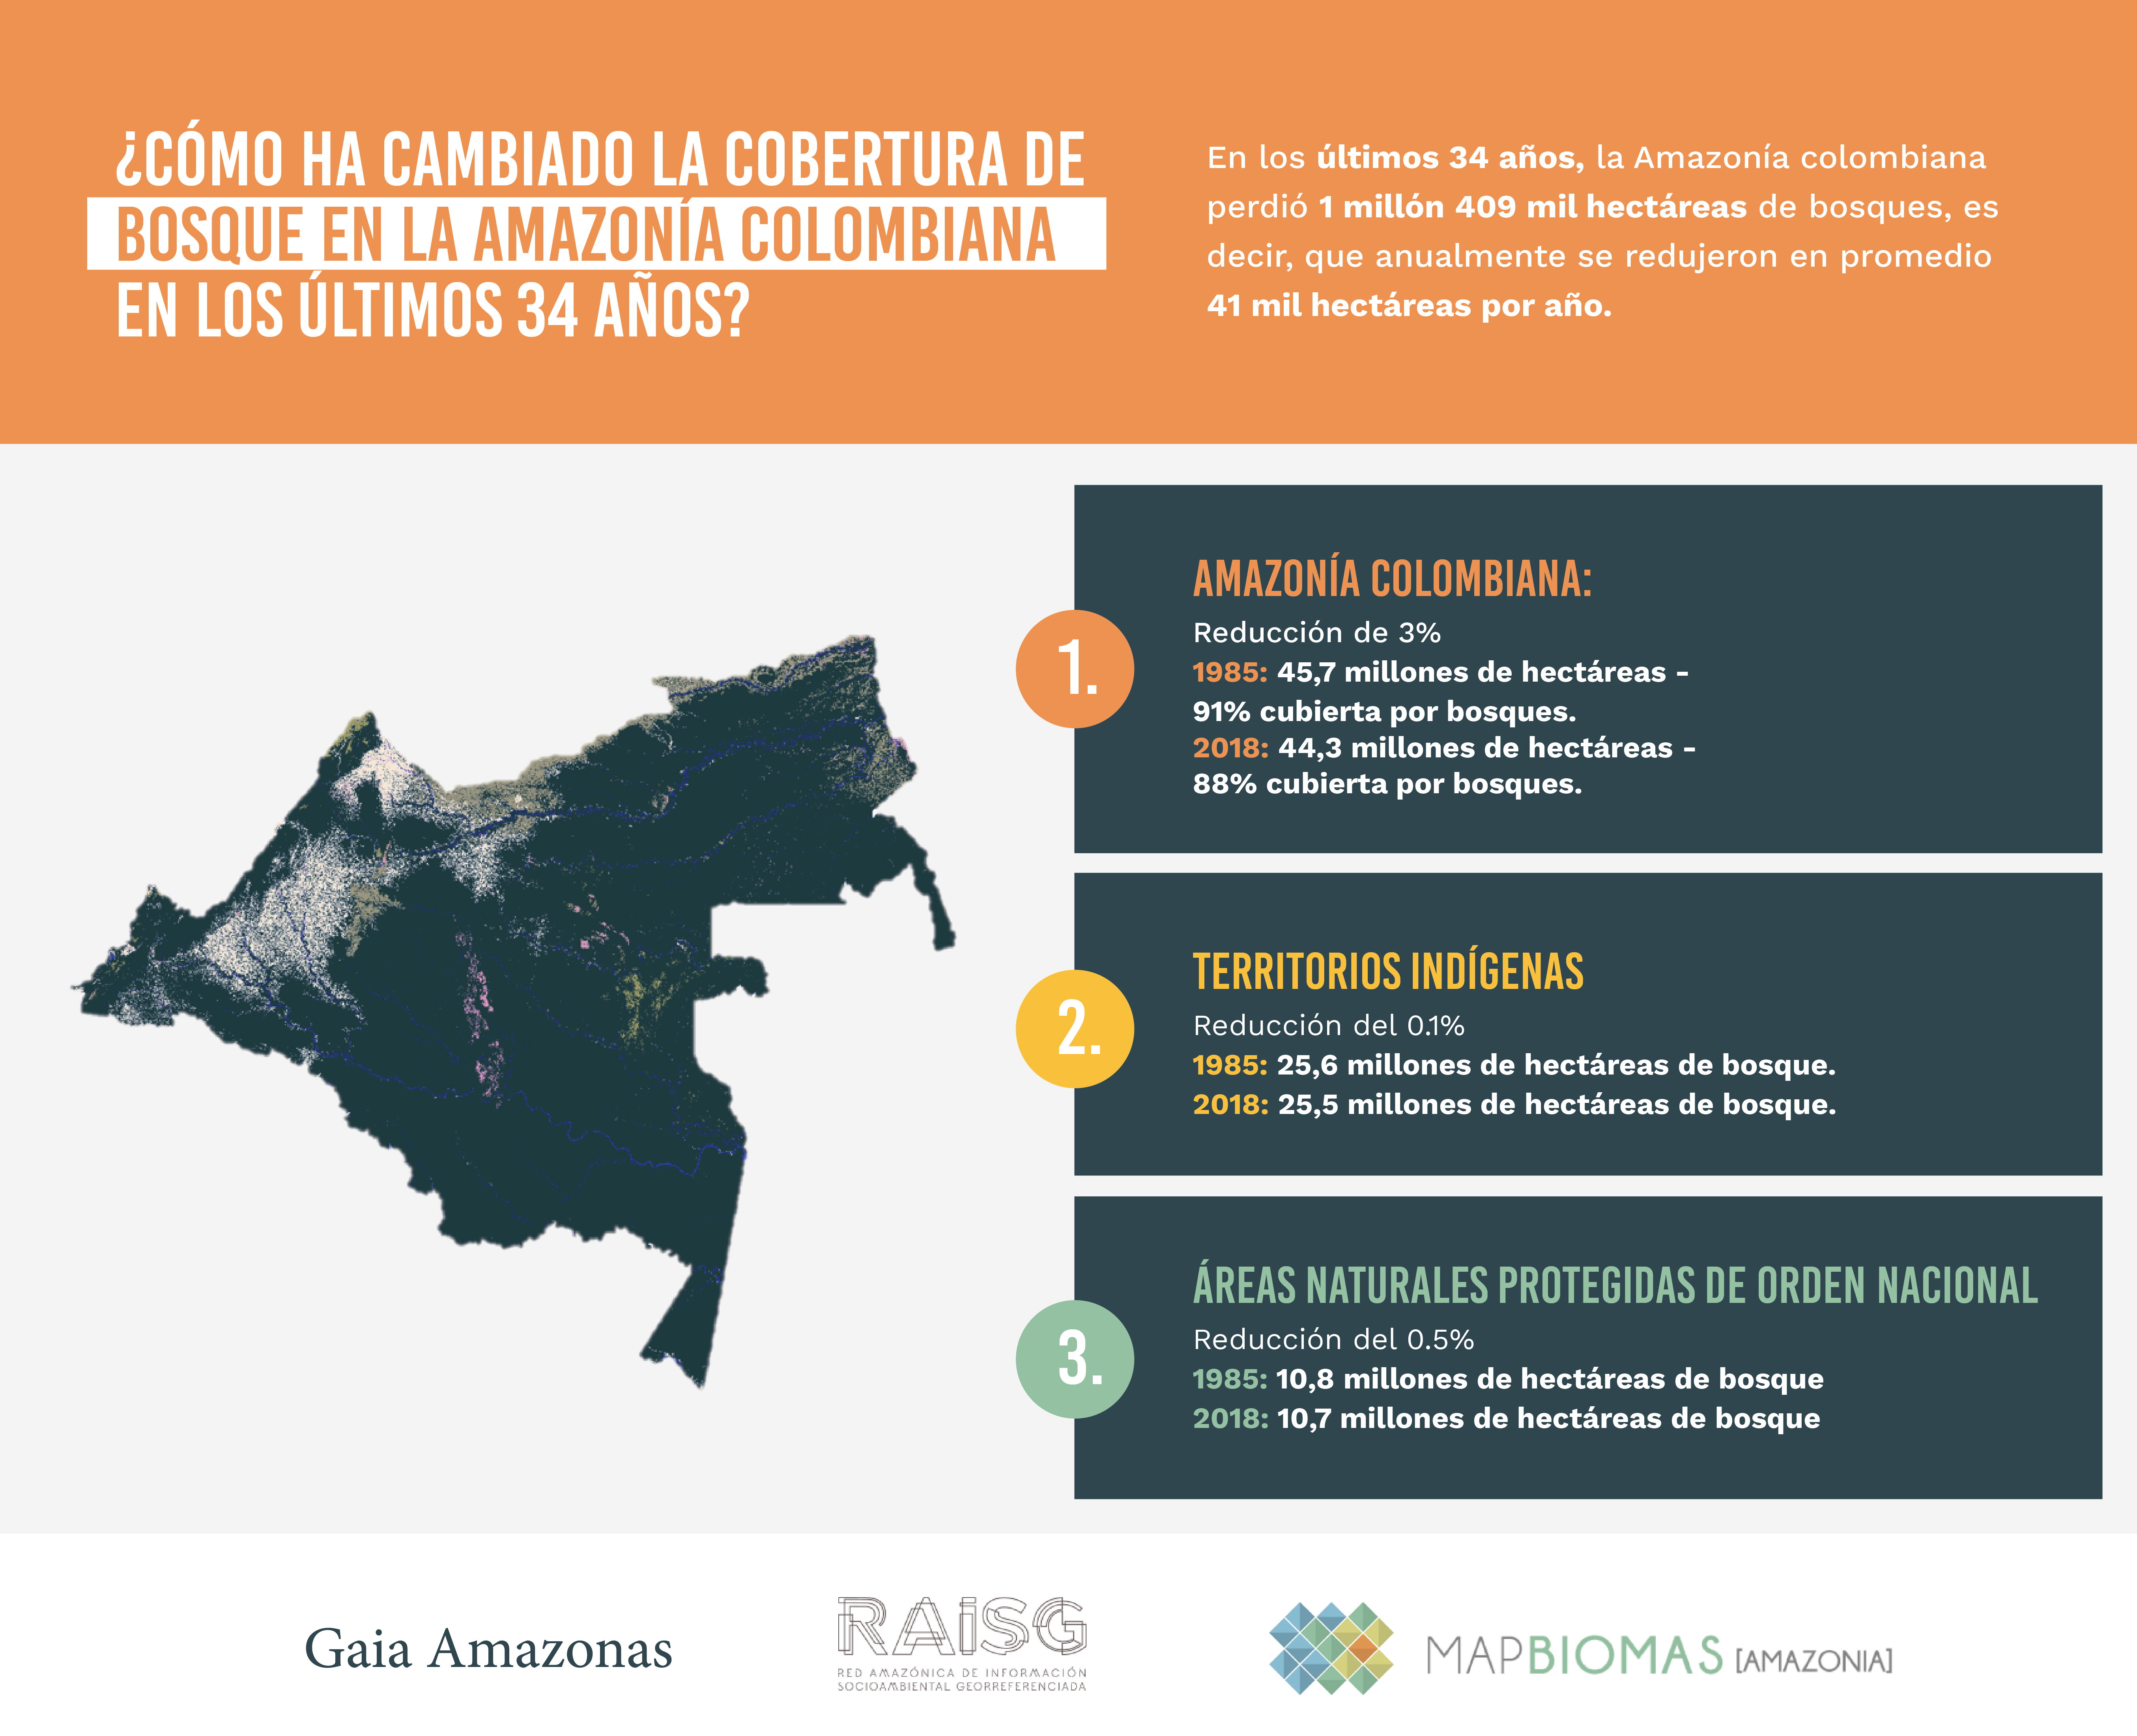 Amazonía colombiana perdió 1,4 millones de hectáreas de bosque en 34 años